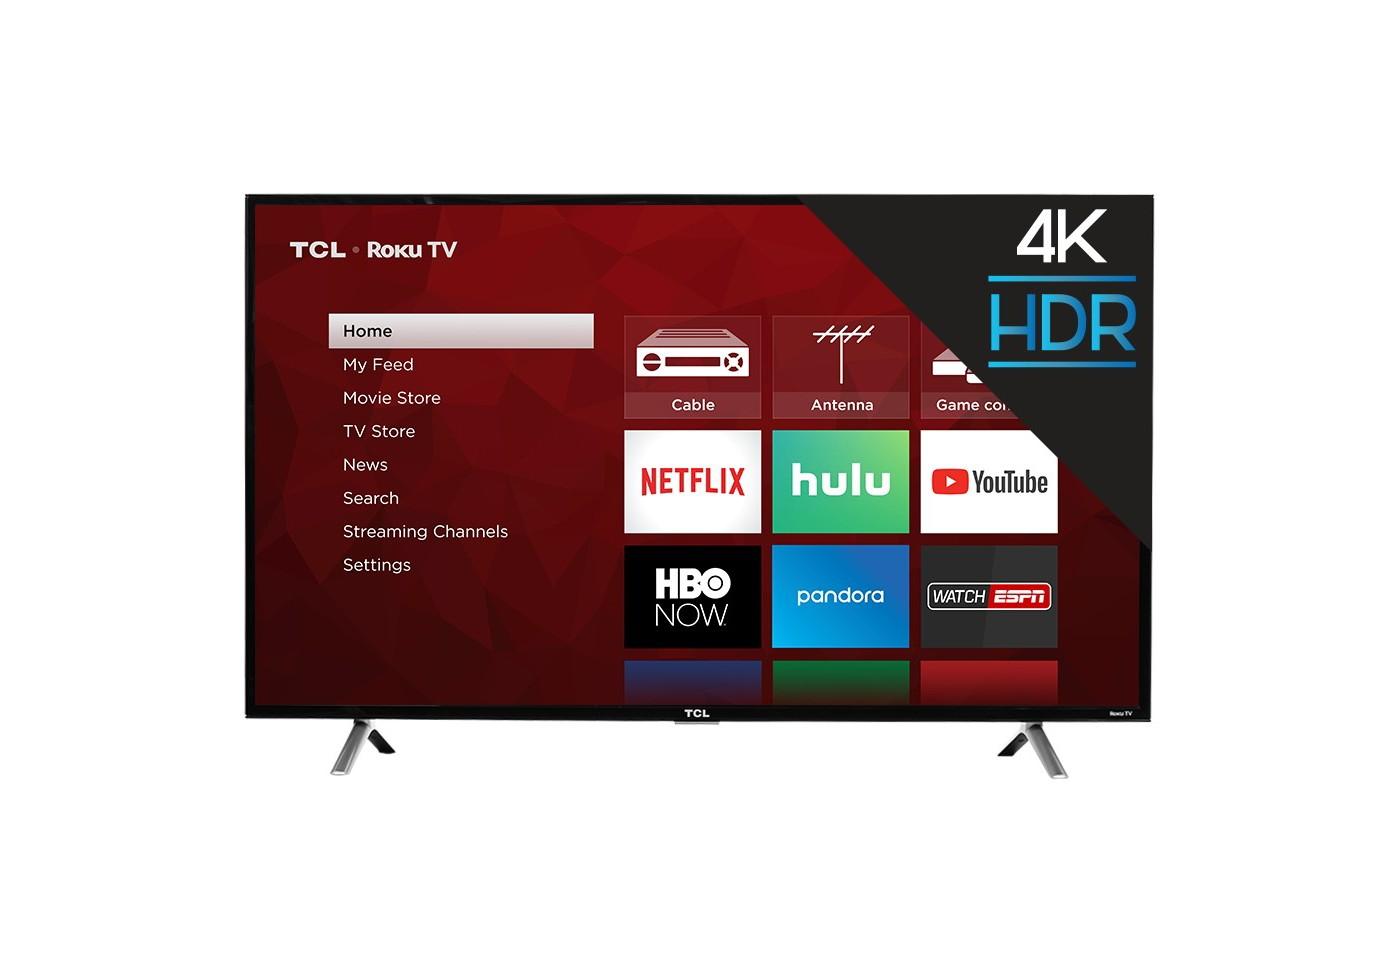 """TCL 49"""" 4K UHD HDR Roku Smart TV - image 1 of 16"""